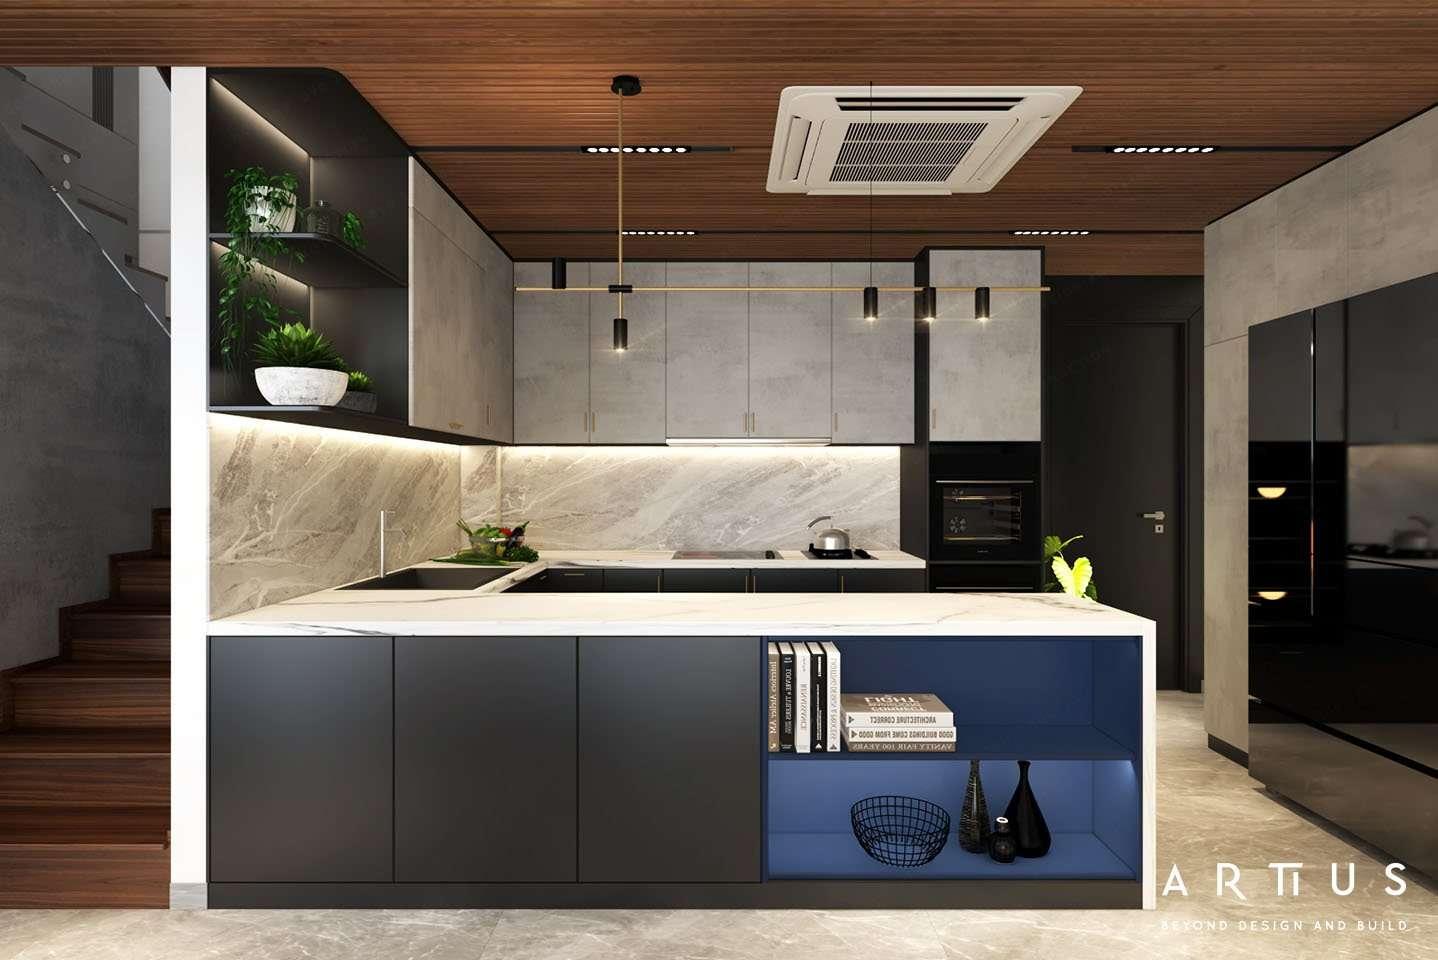 Xu hướng tối giản trong thiết kế nội thất hiện đại